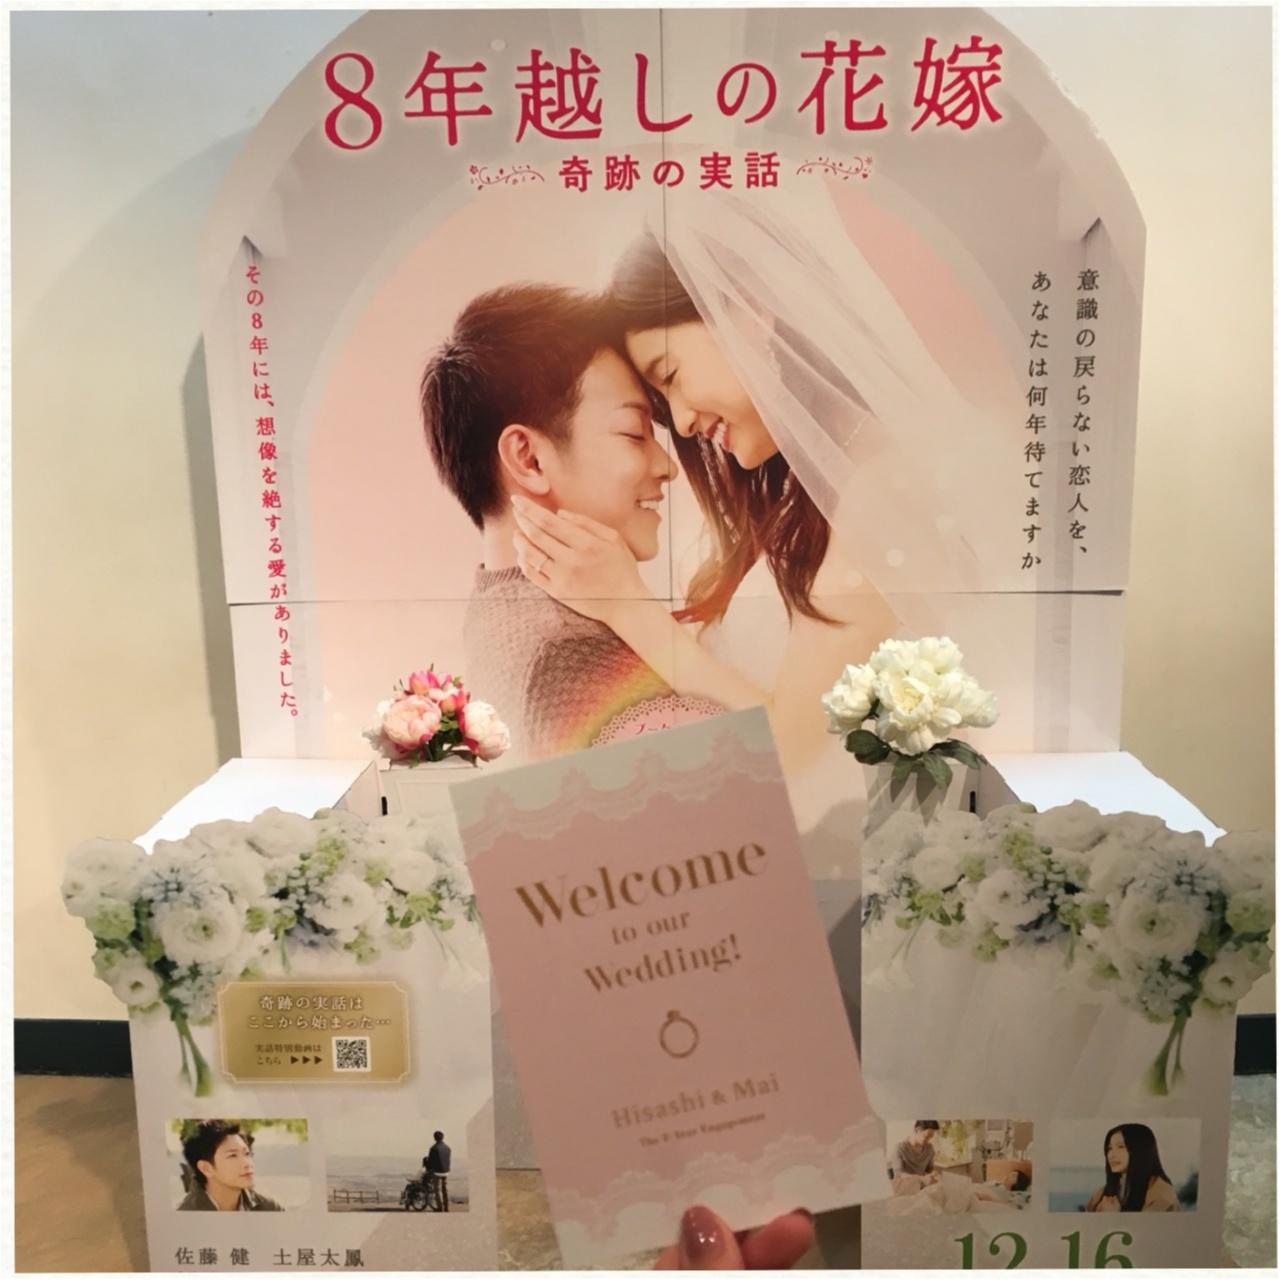 感動の涙が止まらない!映画「8年越しの花嫁 奇跡の実話」の試写会に行ってきました♡_2